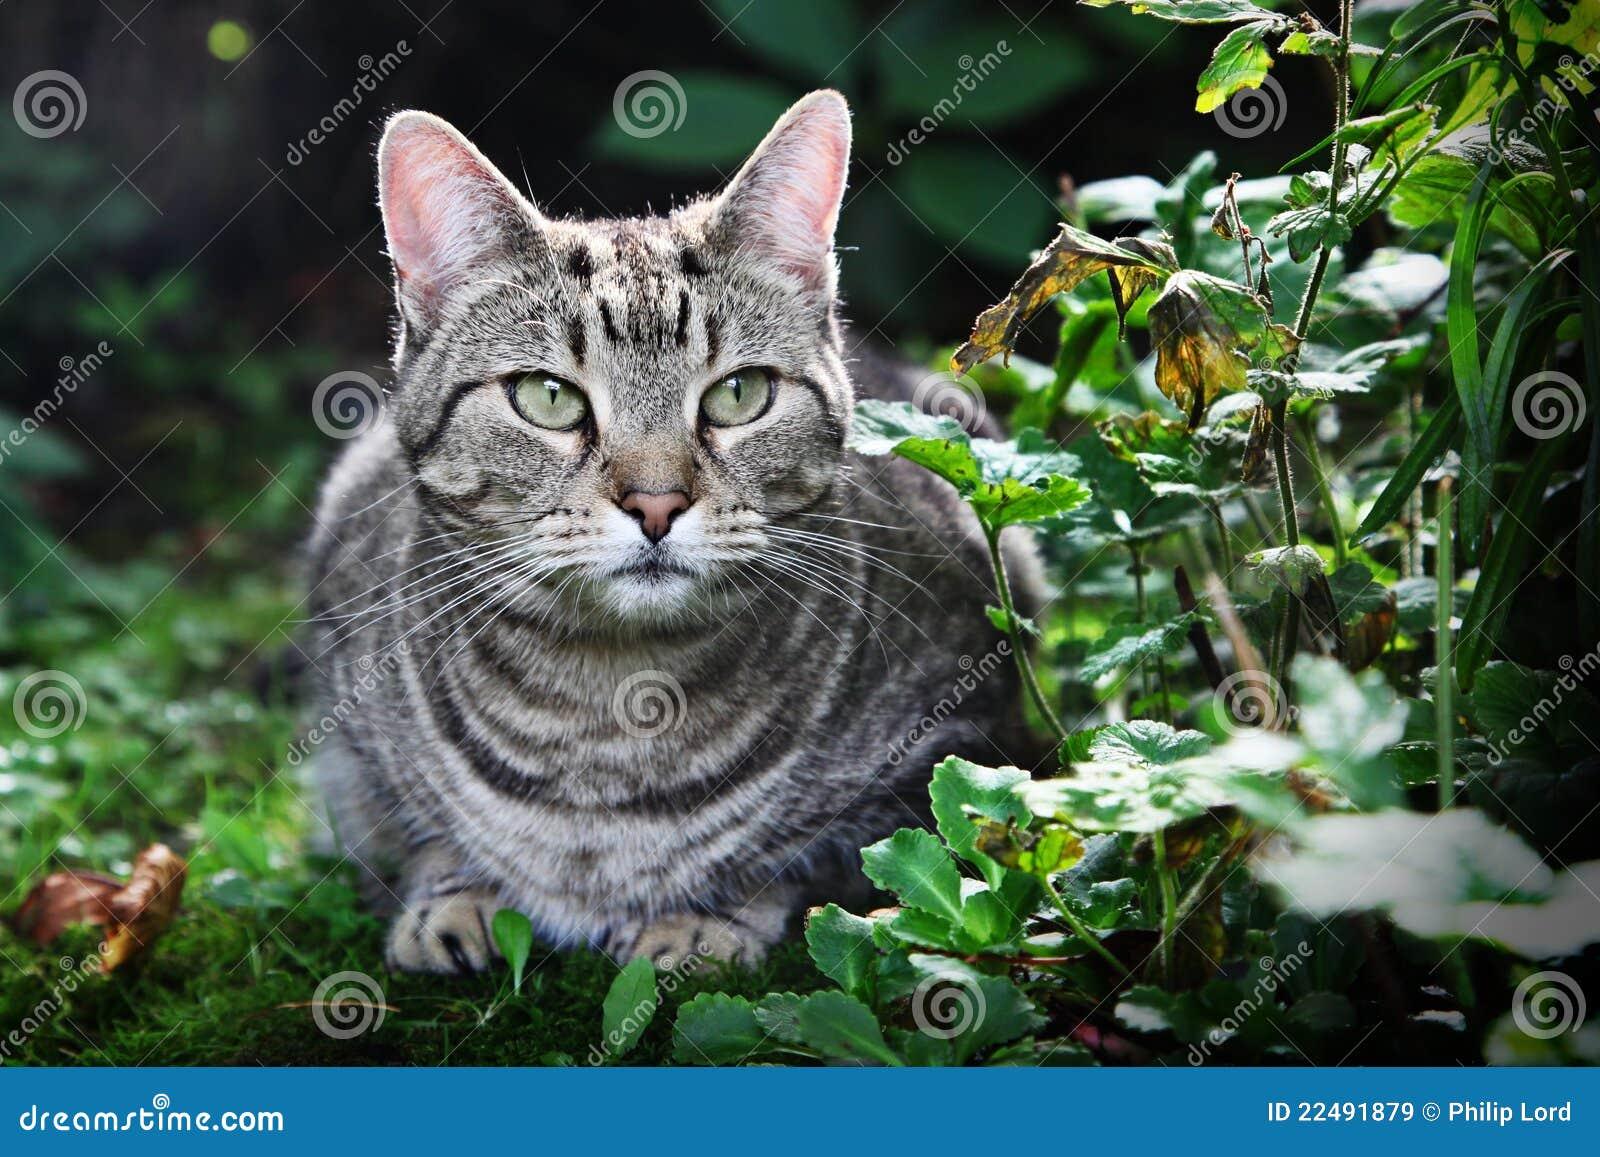 chat gris dans l 39 herbe image stock image du outside 22491879. Black Bedroom Furniture Sets. Home Design Ideas